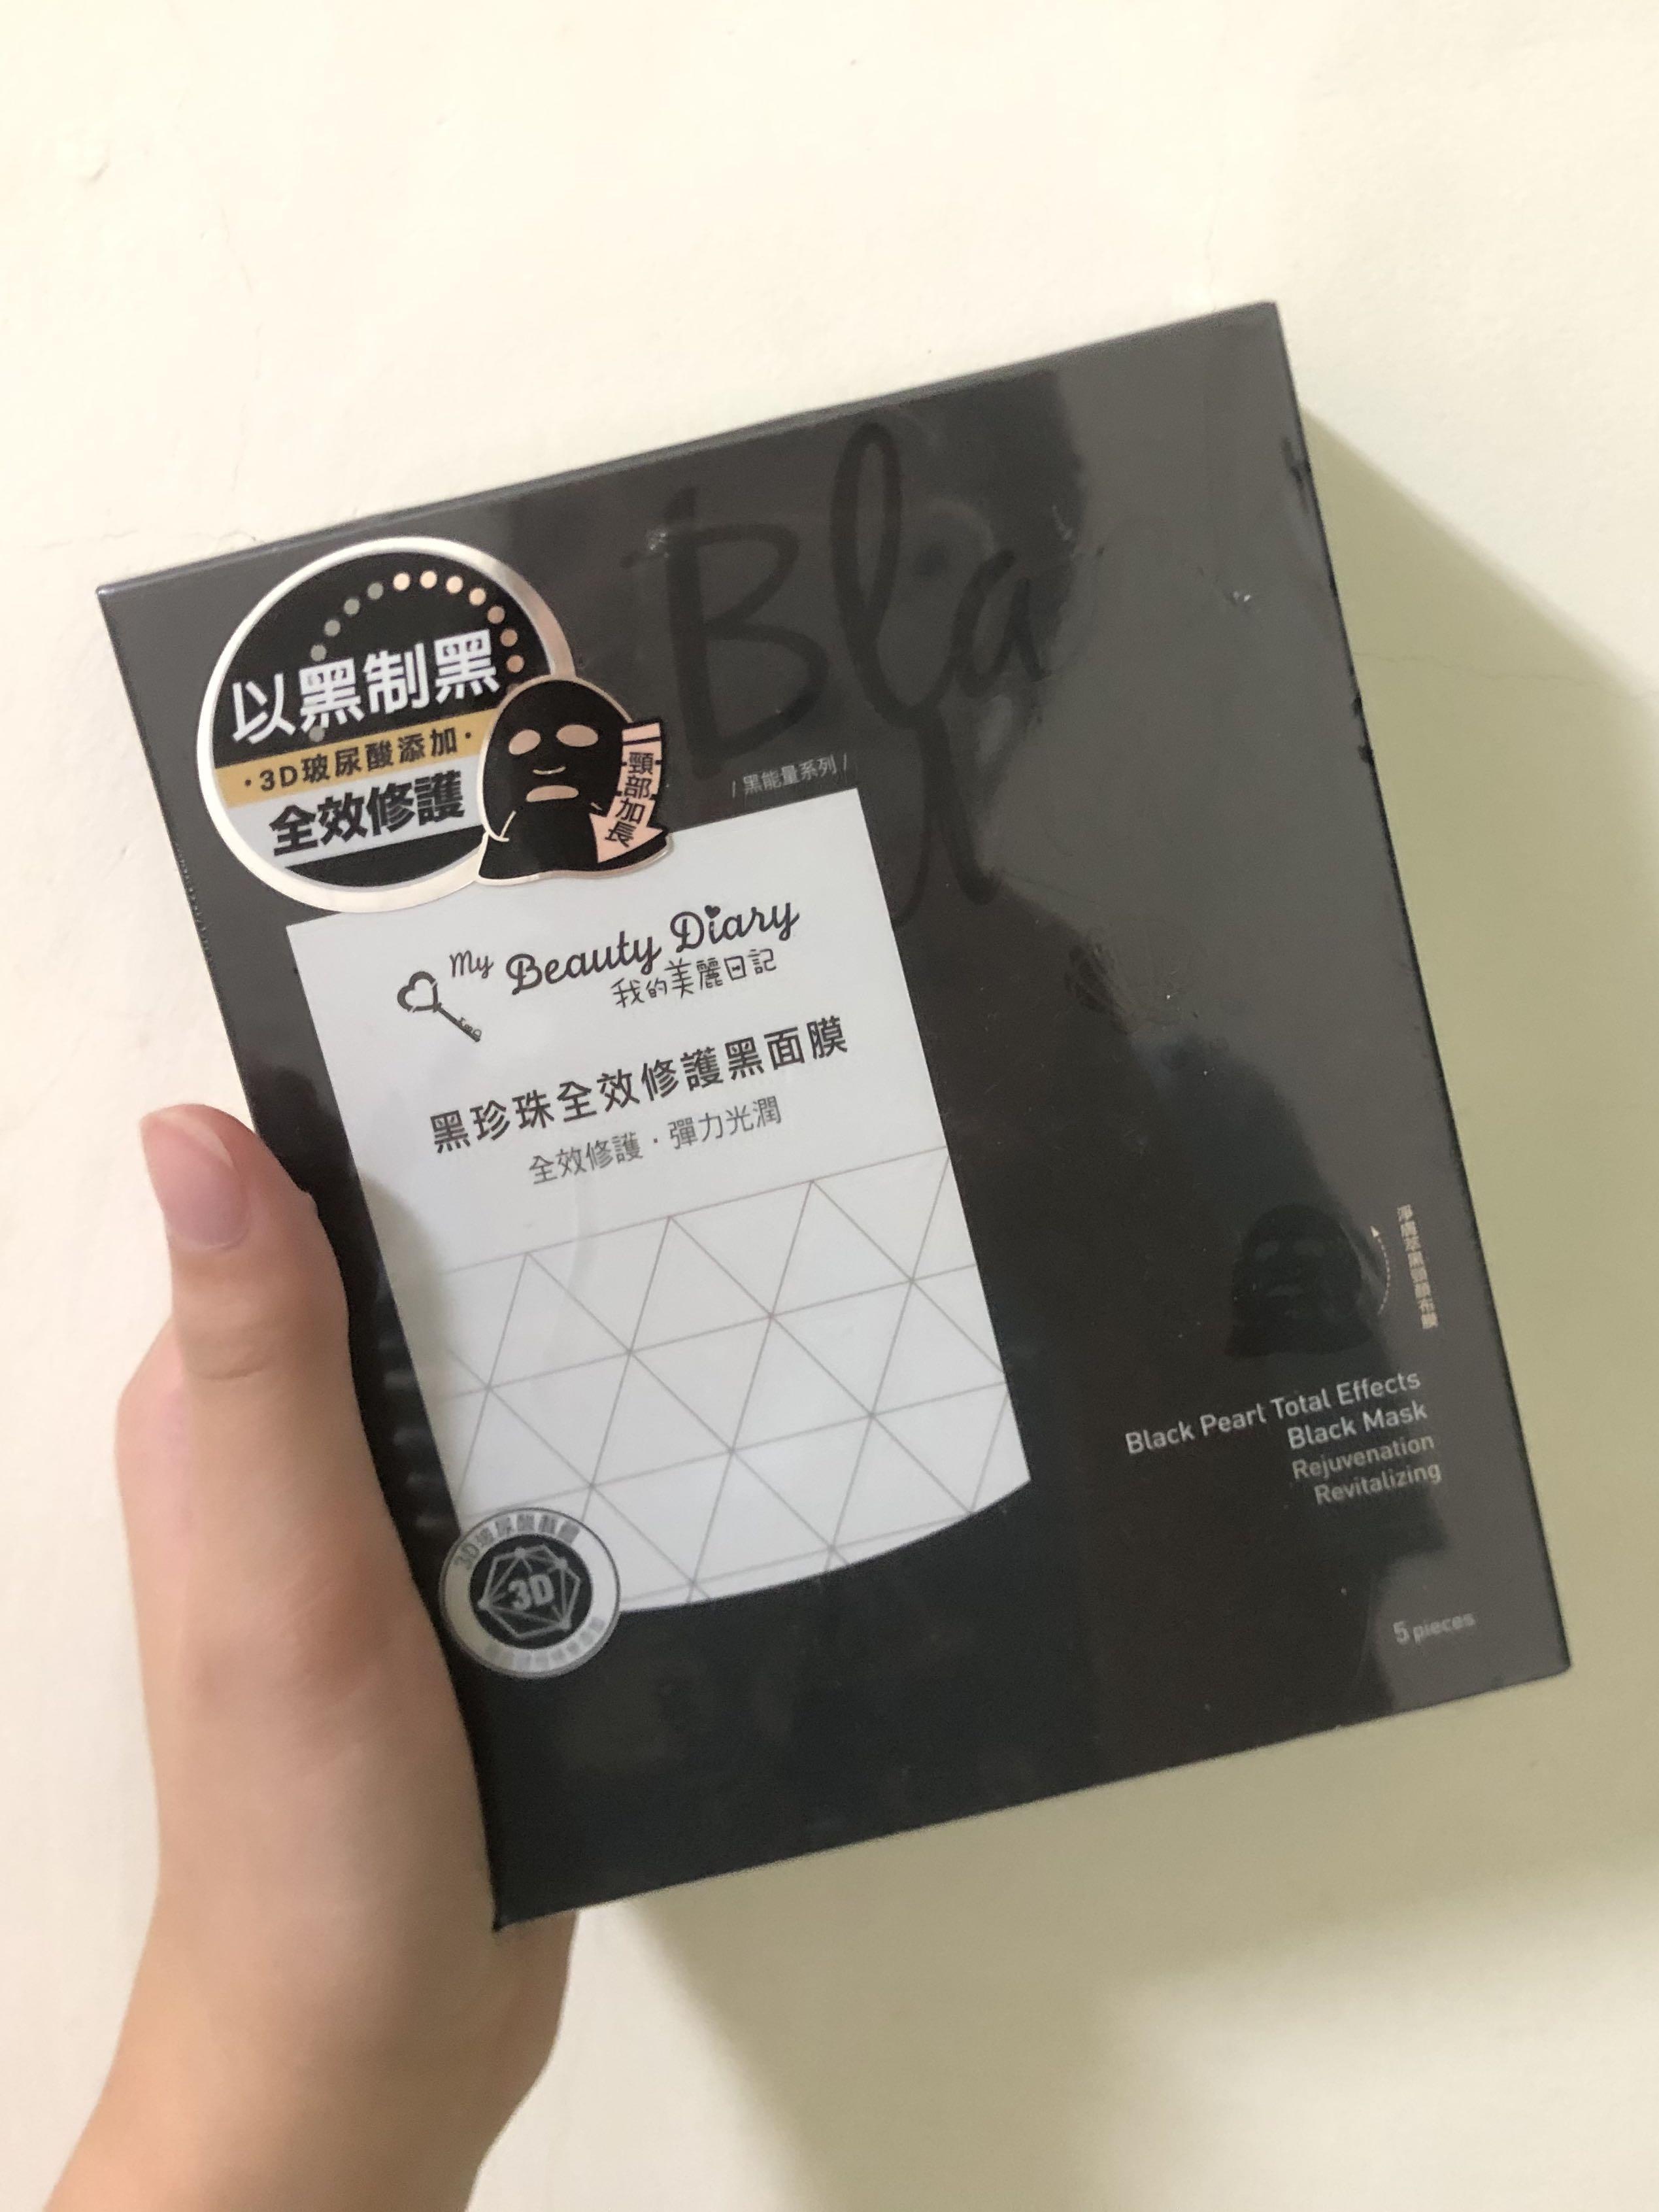 我的美麗日記 黑珍珠全效修護黑面膜 (頸部加長型)5入